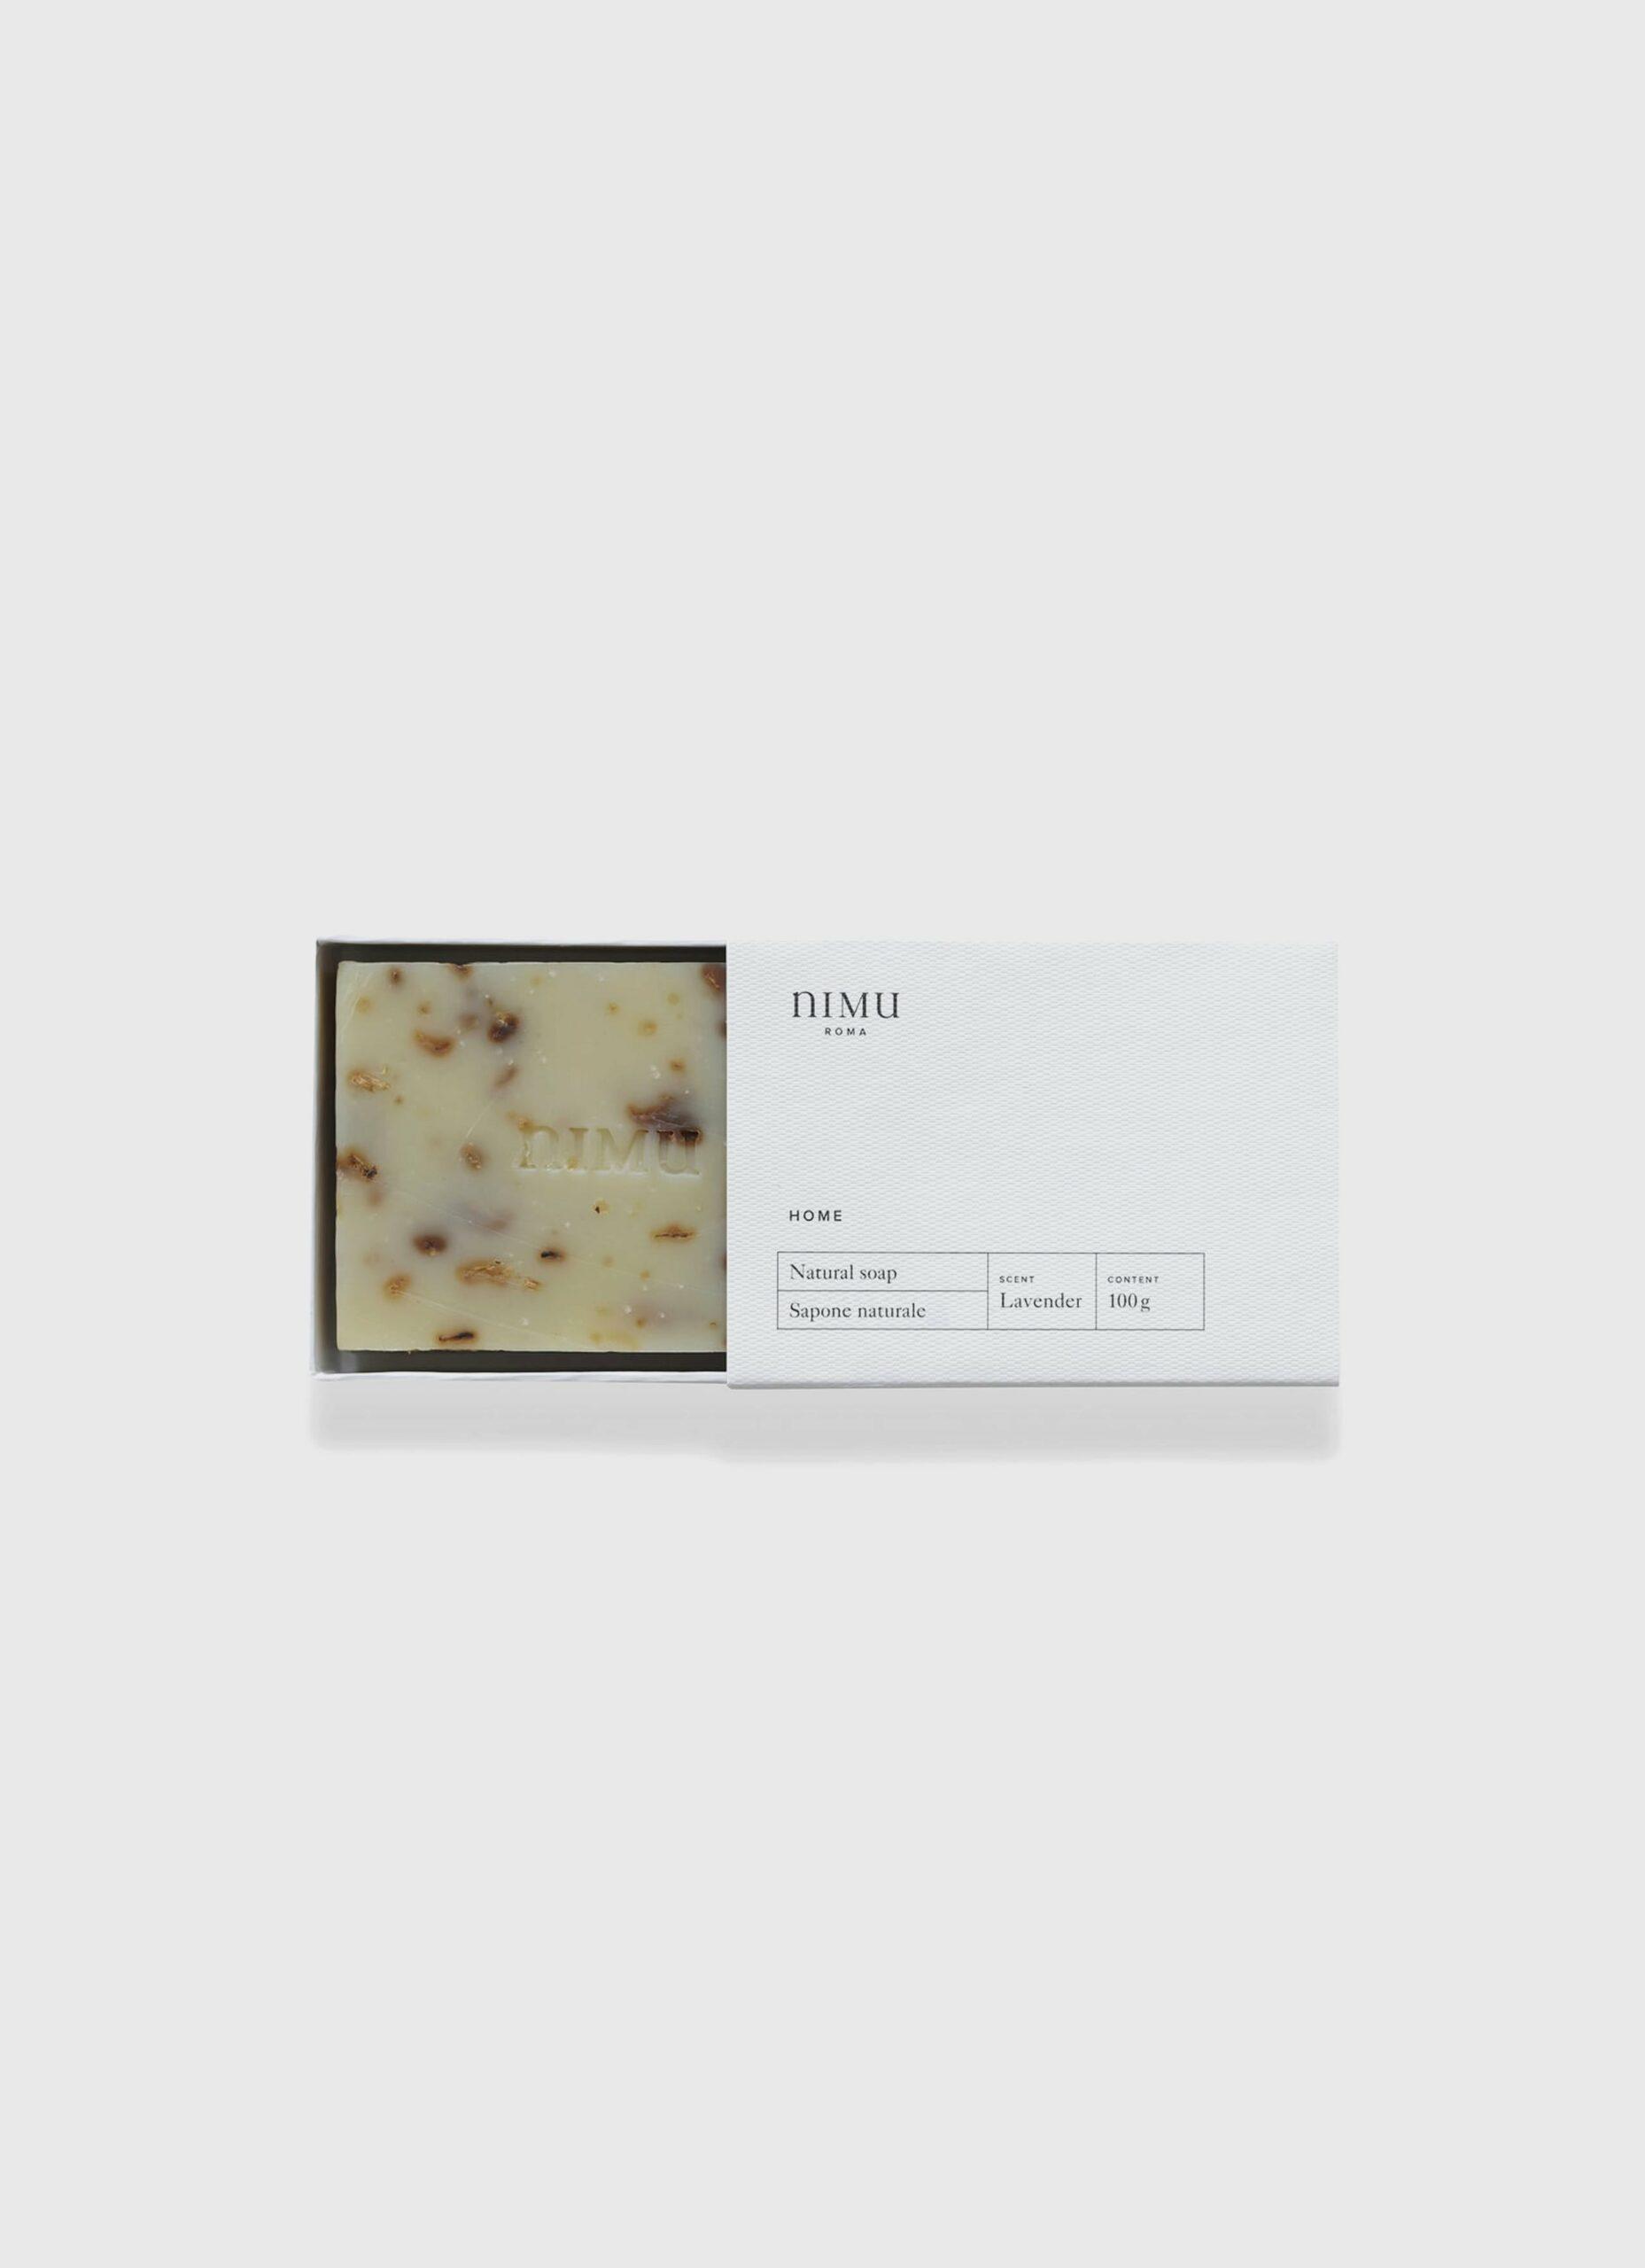 Nimu Roma - Lavandula and Honey - handmade natural soap